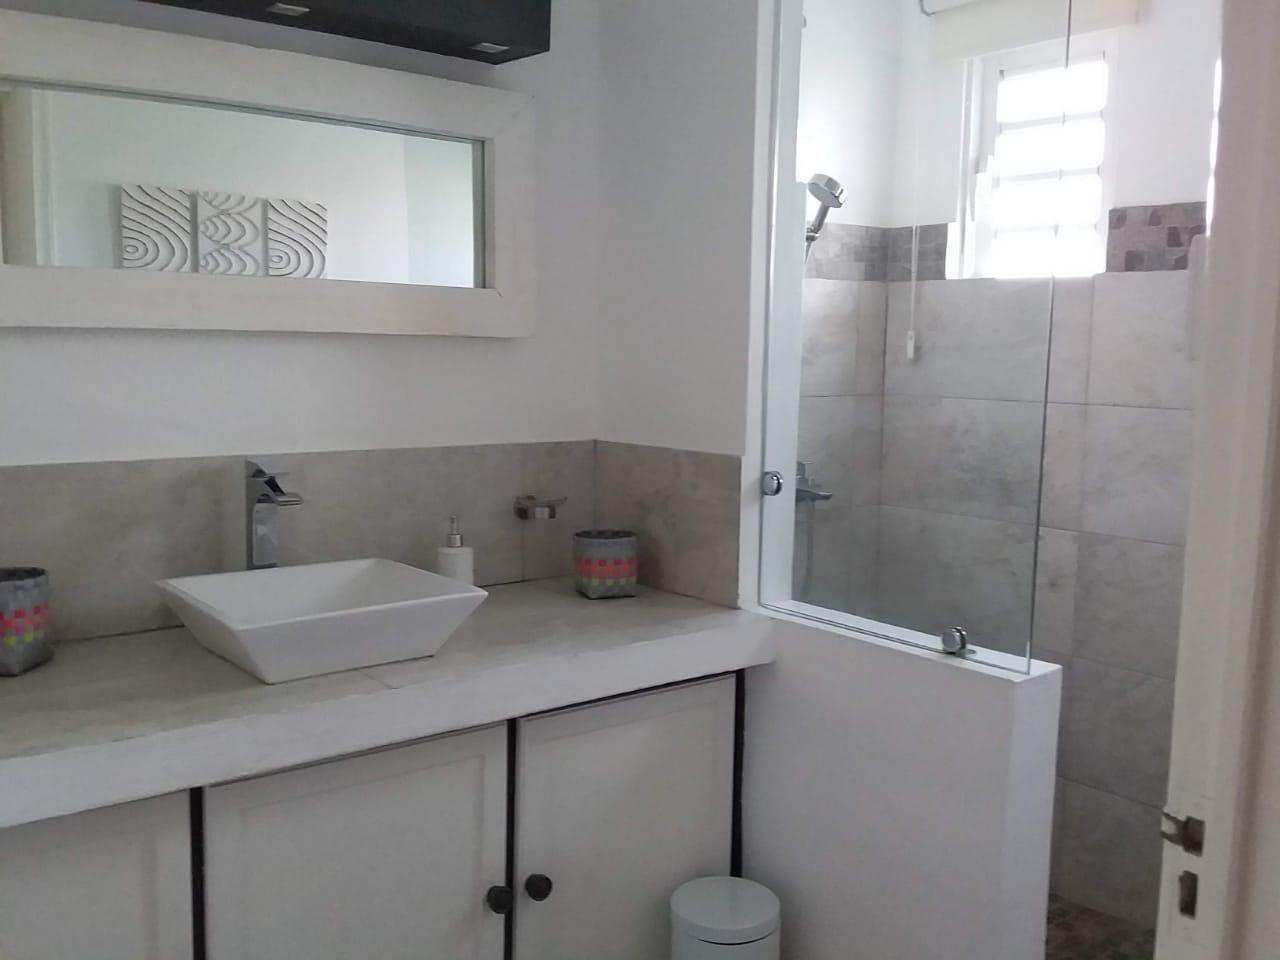 Salle de bain 1 - Palissandre